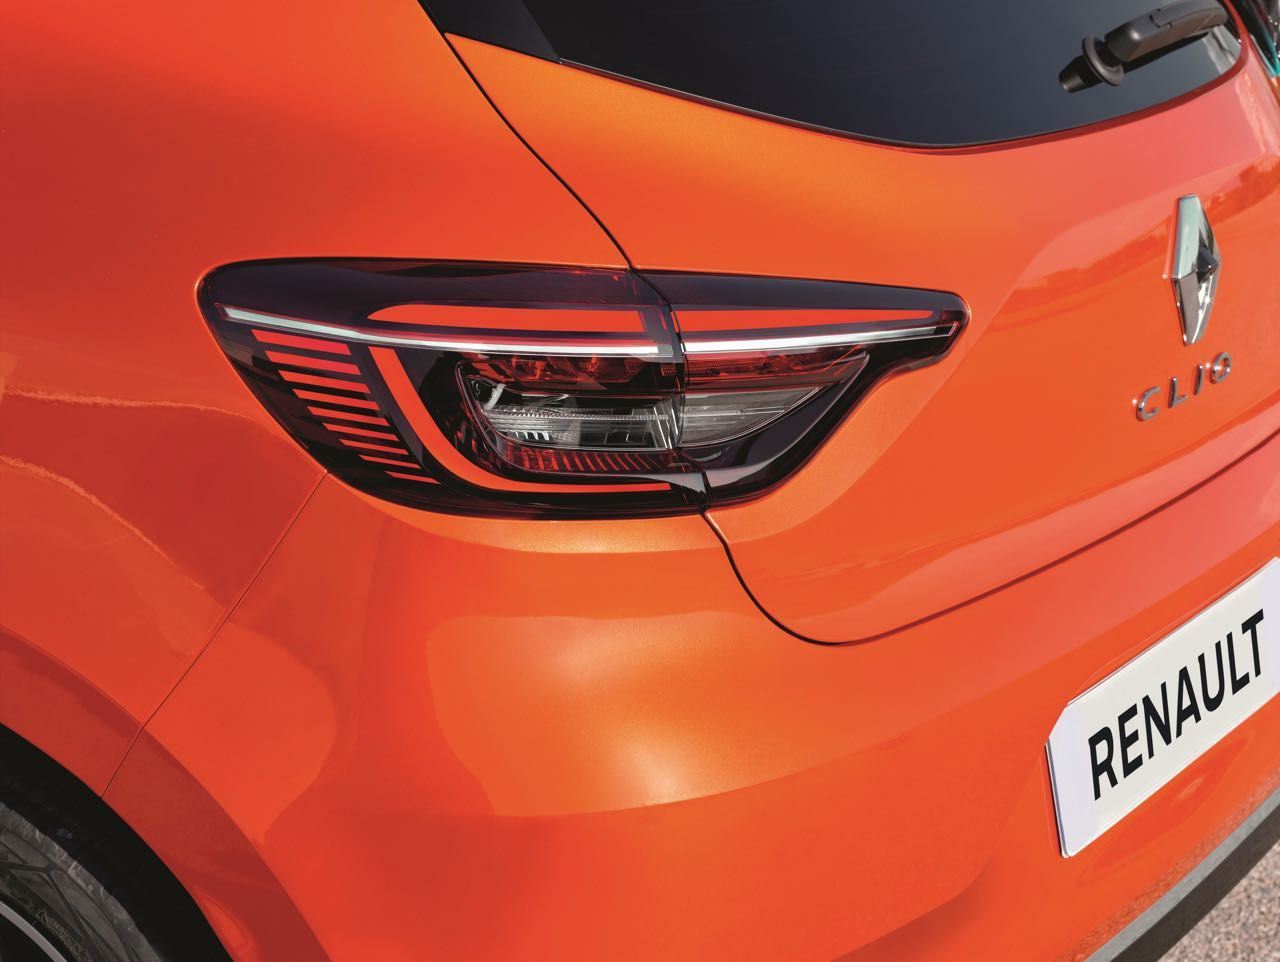 2021 Renault Clio fiyatları yenilendi! Yine zam yine zam! - Page 1